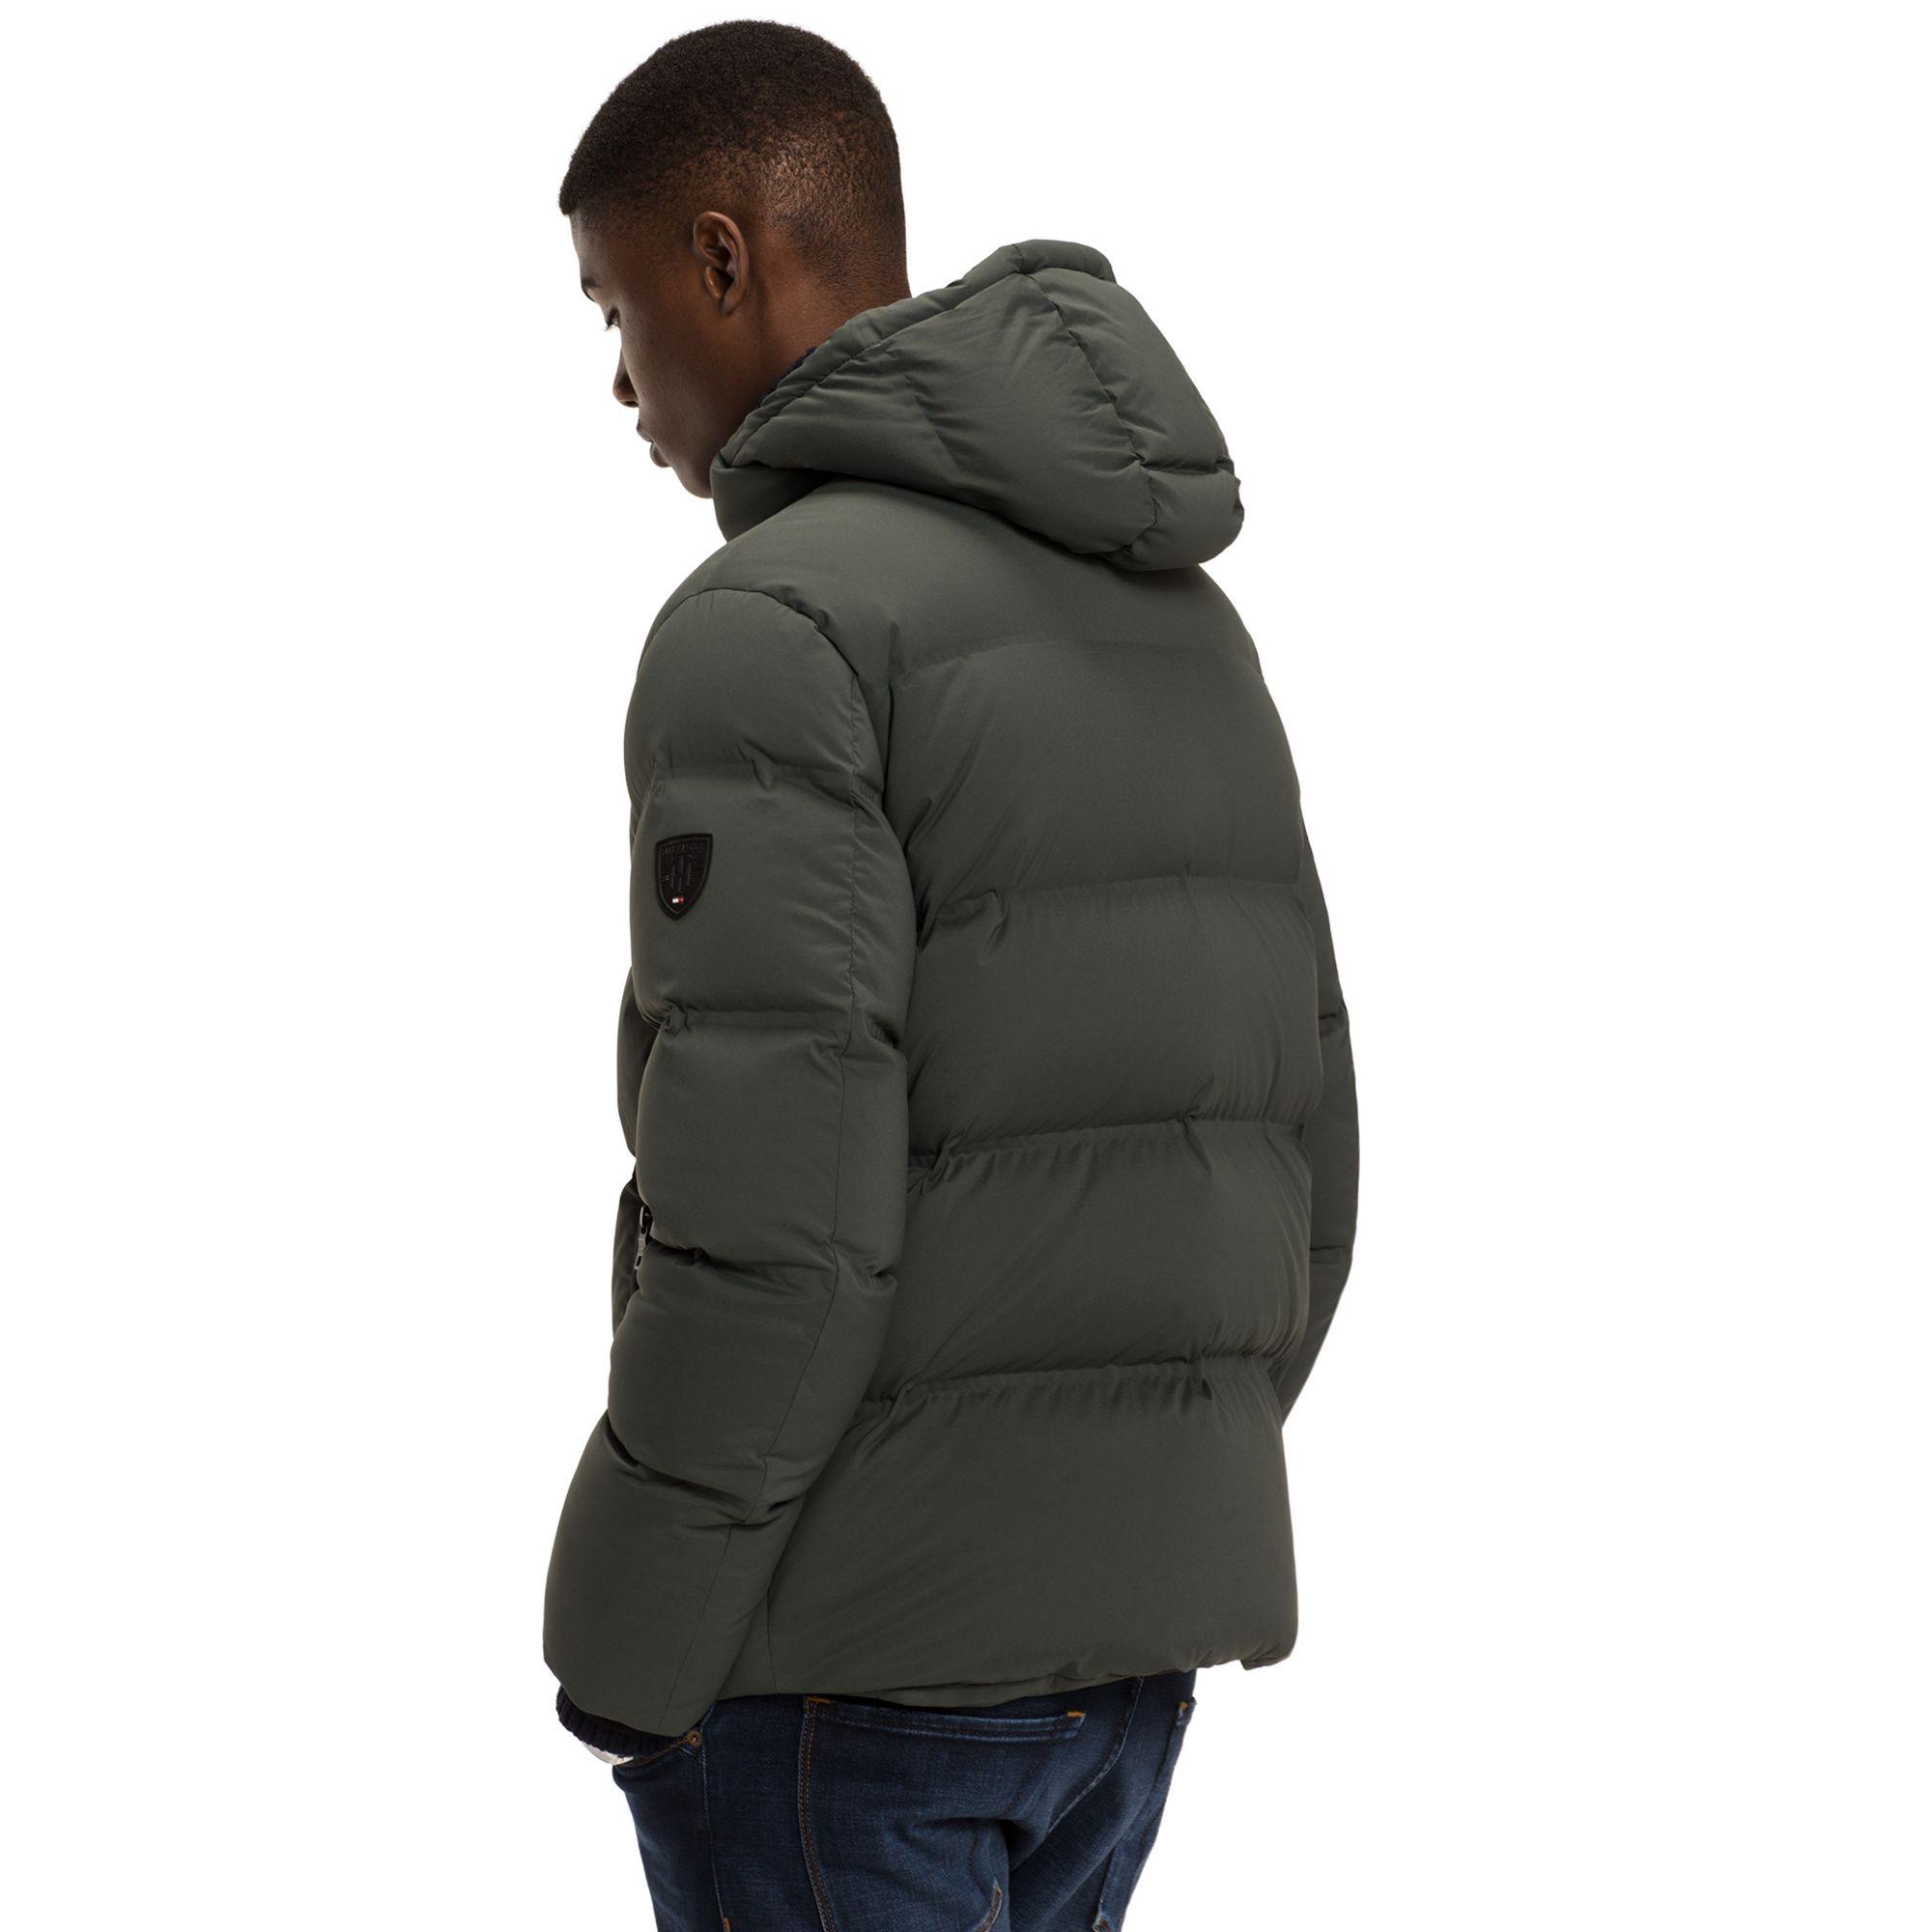 Tommy Hilfiger Women's Winter Coat Down Fill Parka Jacket